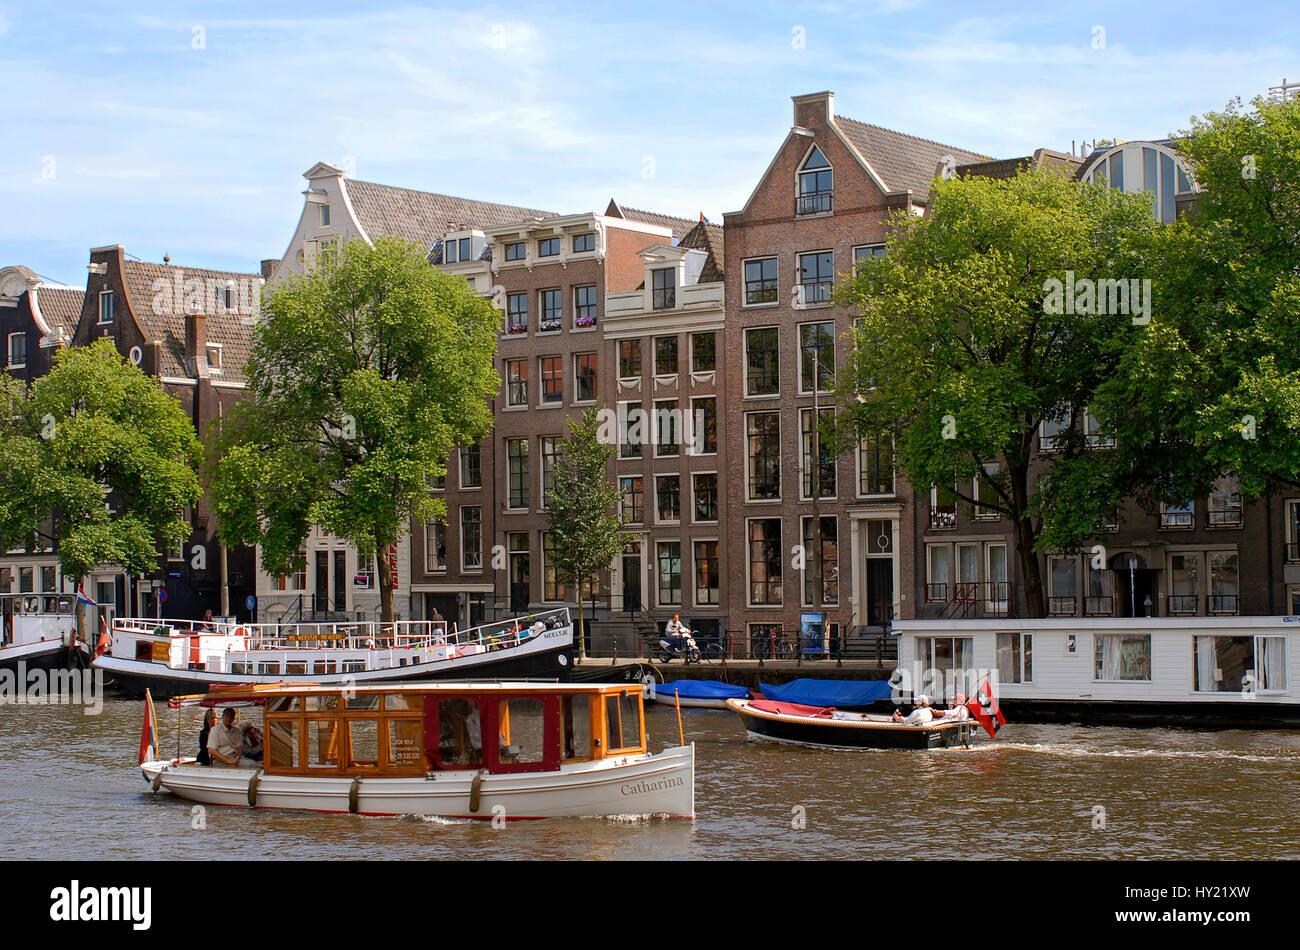 Image de petits bateaux à moteur dans un canal d'eau dans le centre-ville d'Amsterdam, Hollande. Banque D'Images